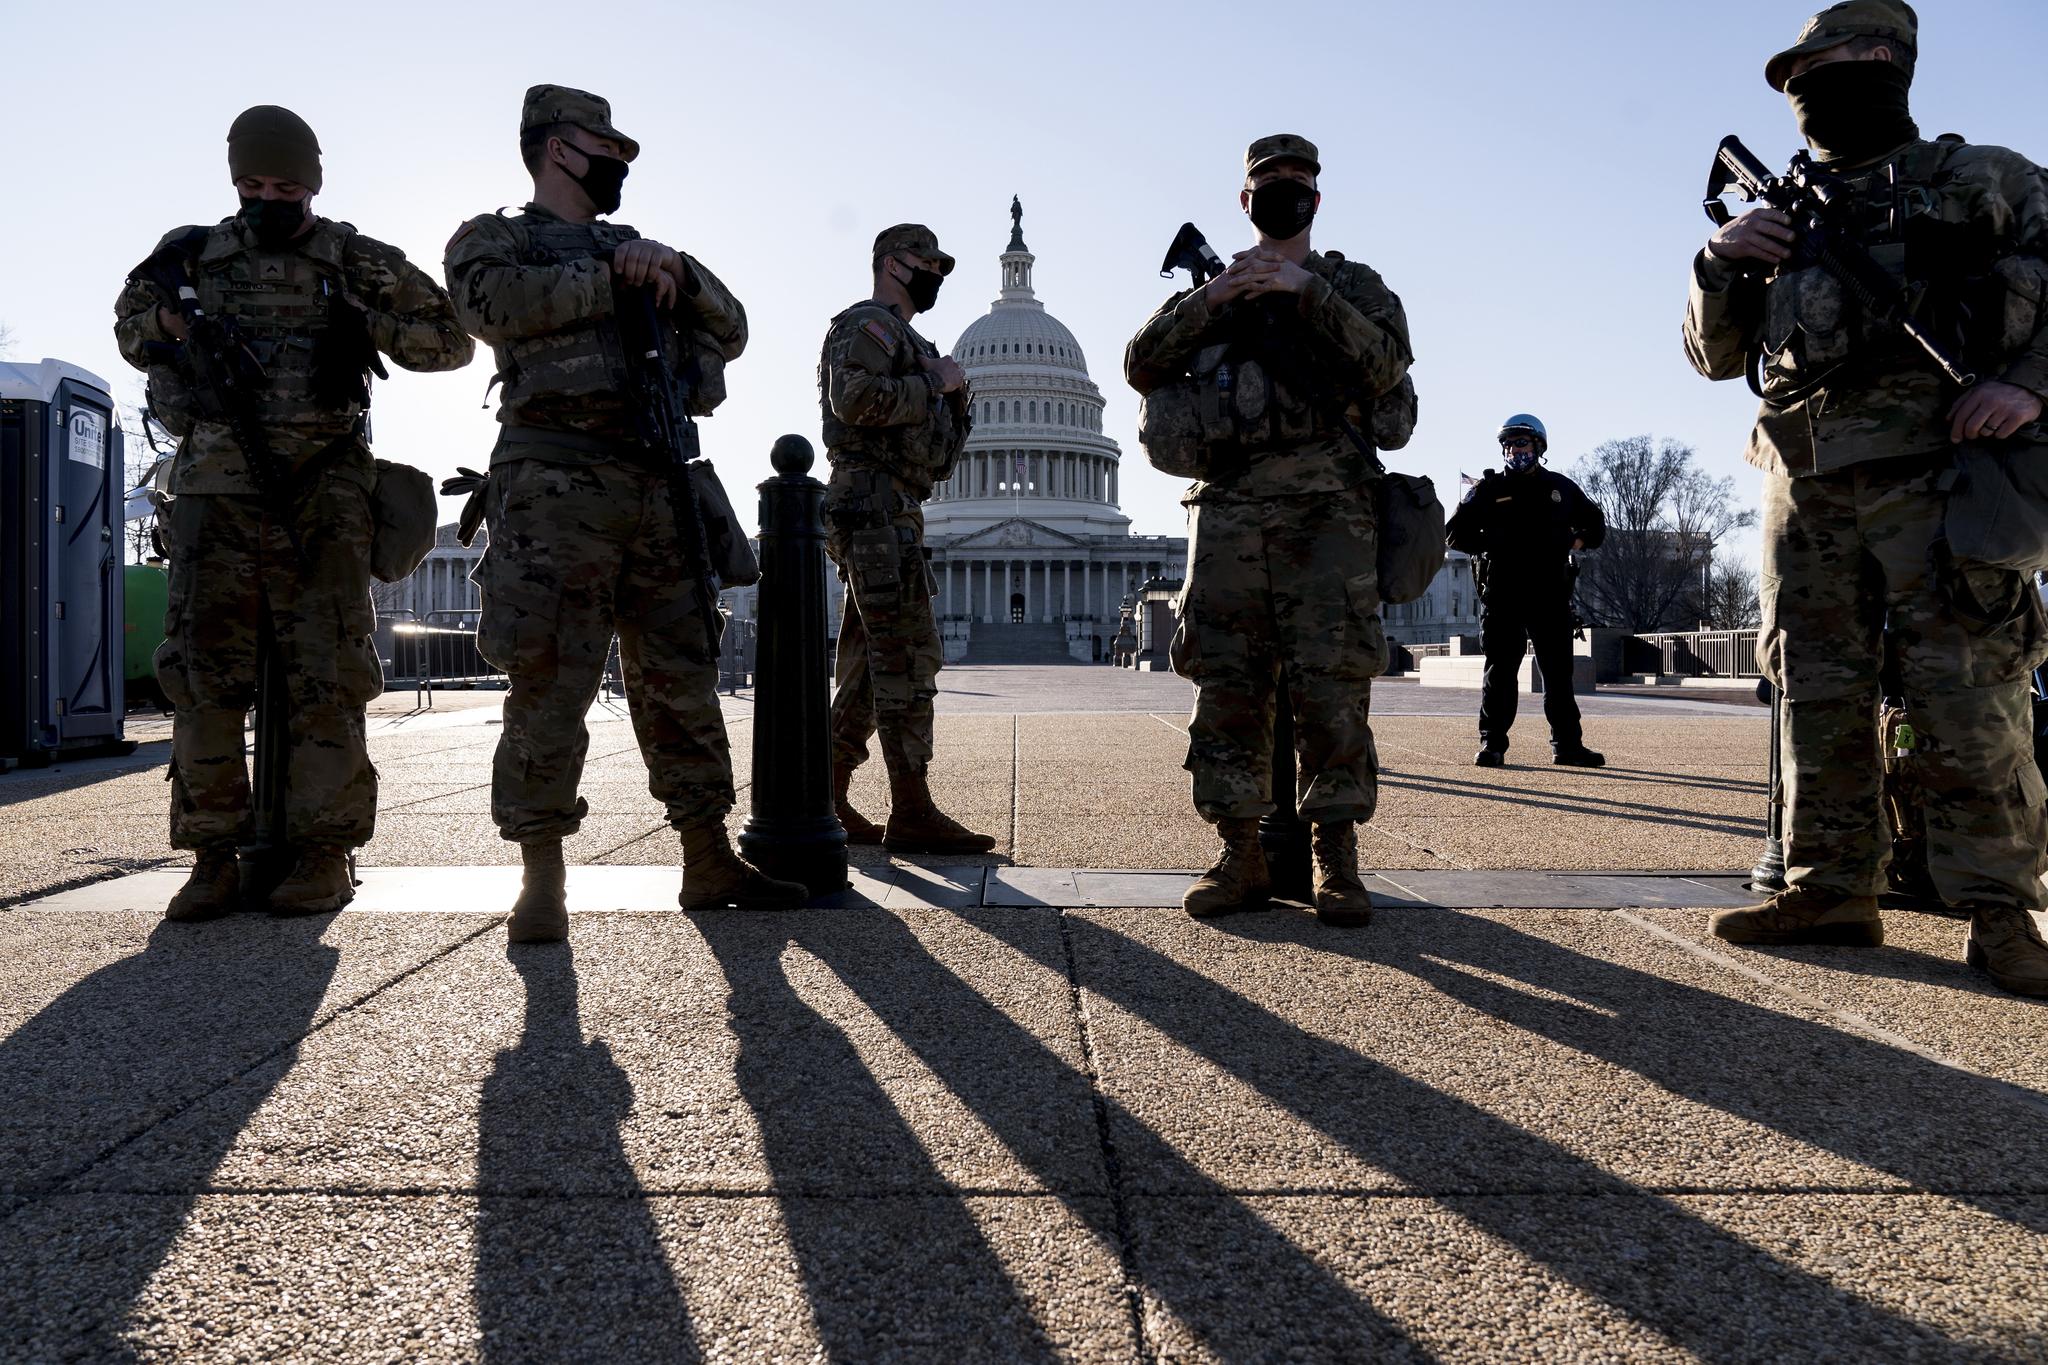 3월 4일 트럼프가 복귀한다. 美 의사당 경계 강화, 하원 일정 단축